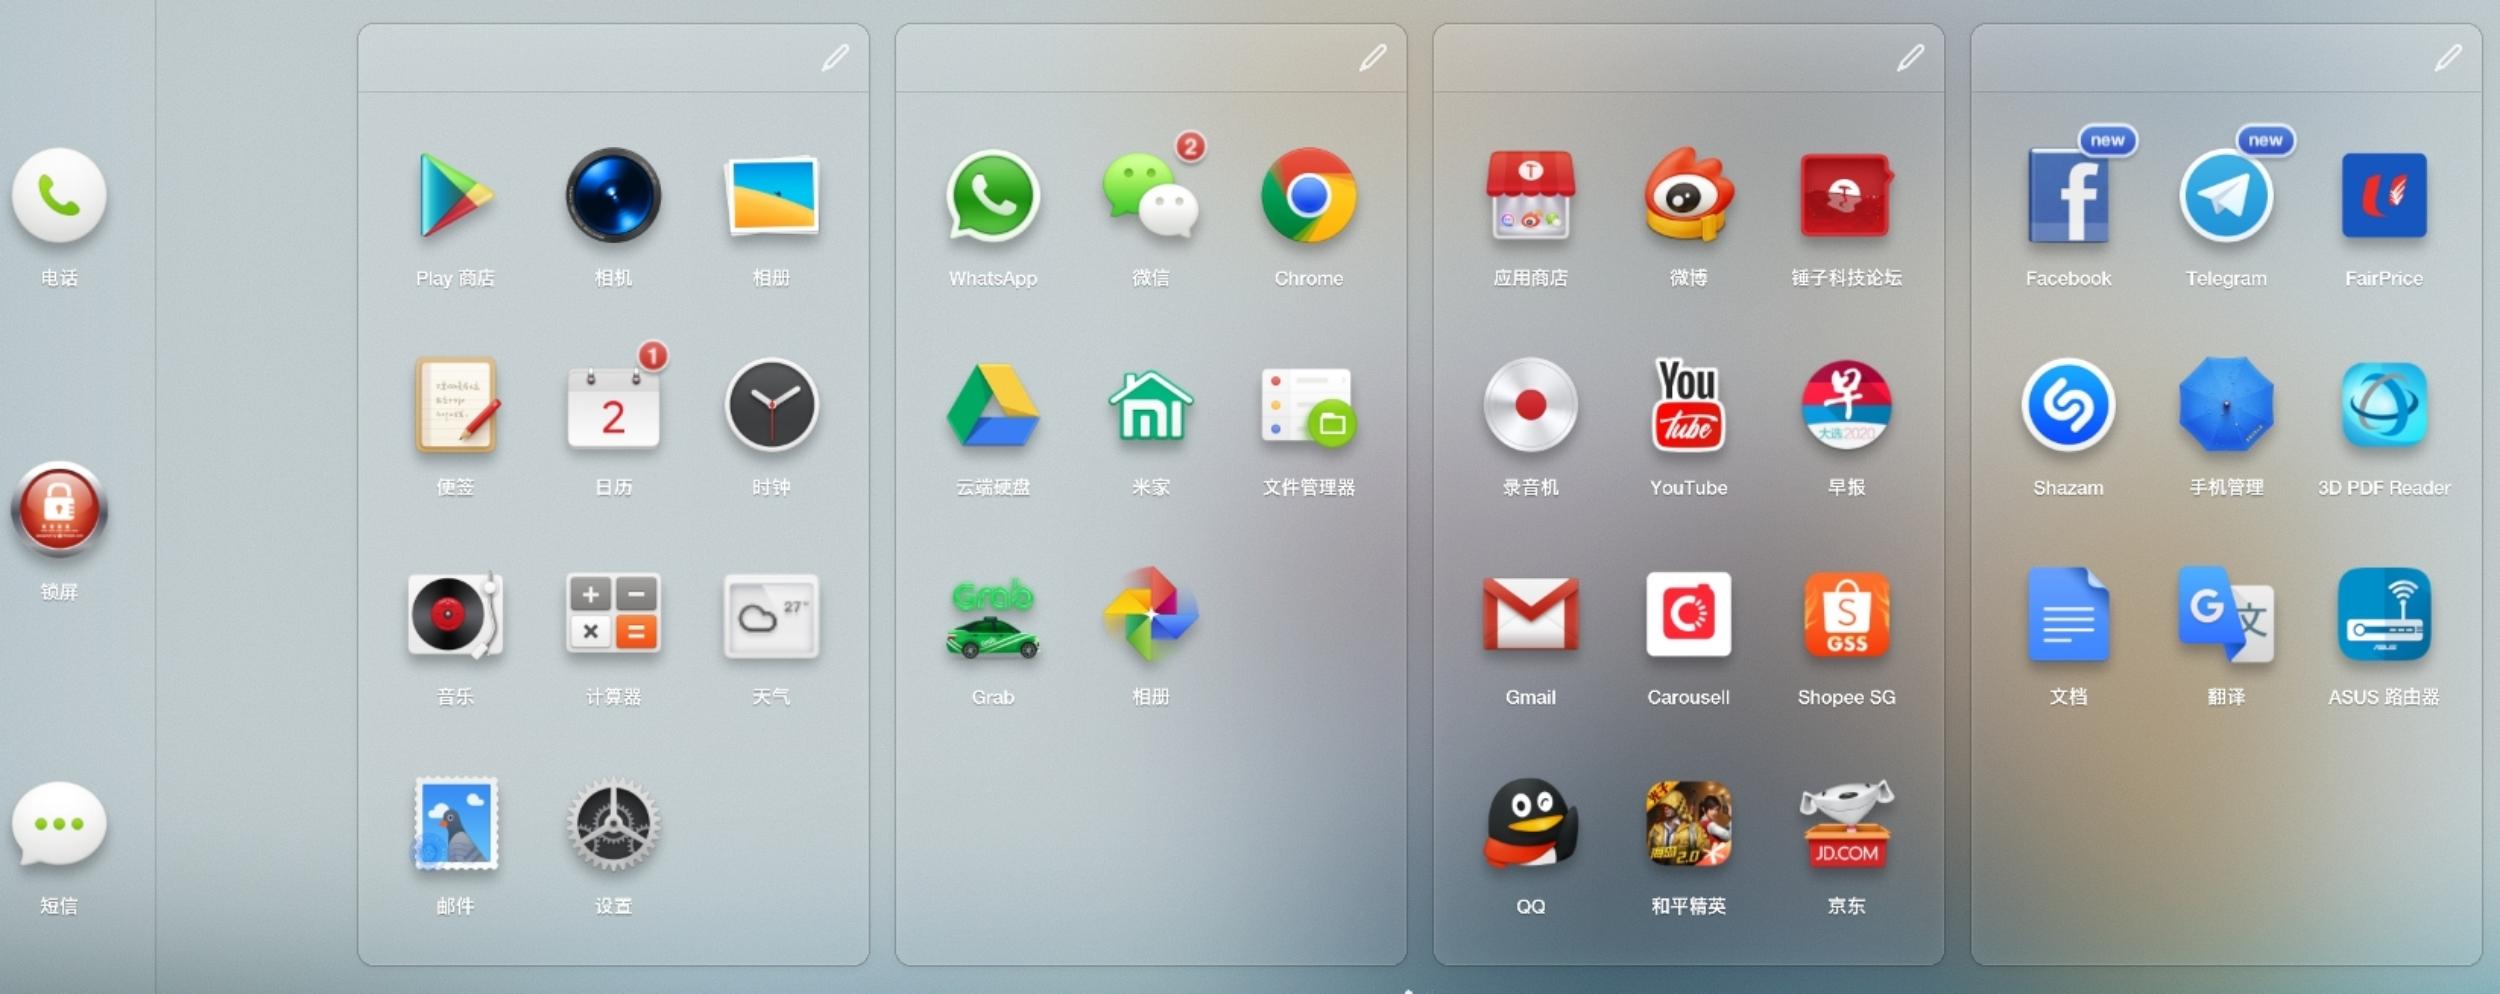 Screenshot_2020-07-02-09-35-39-324_crop.jpg